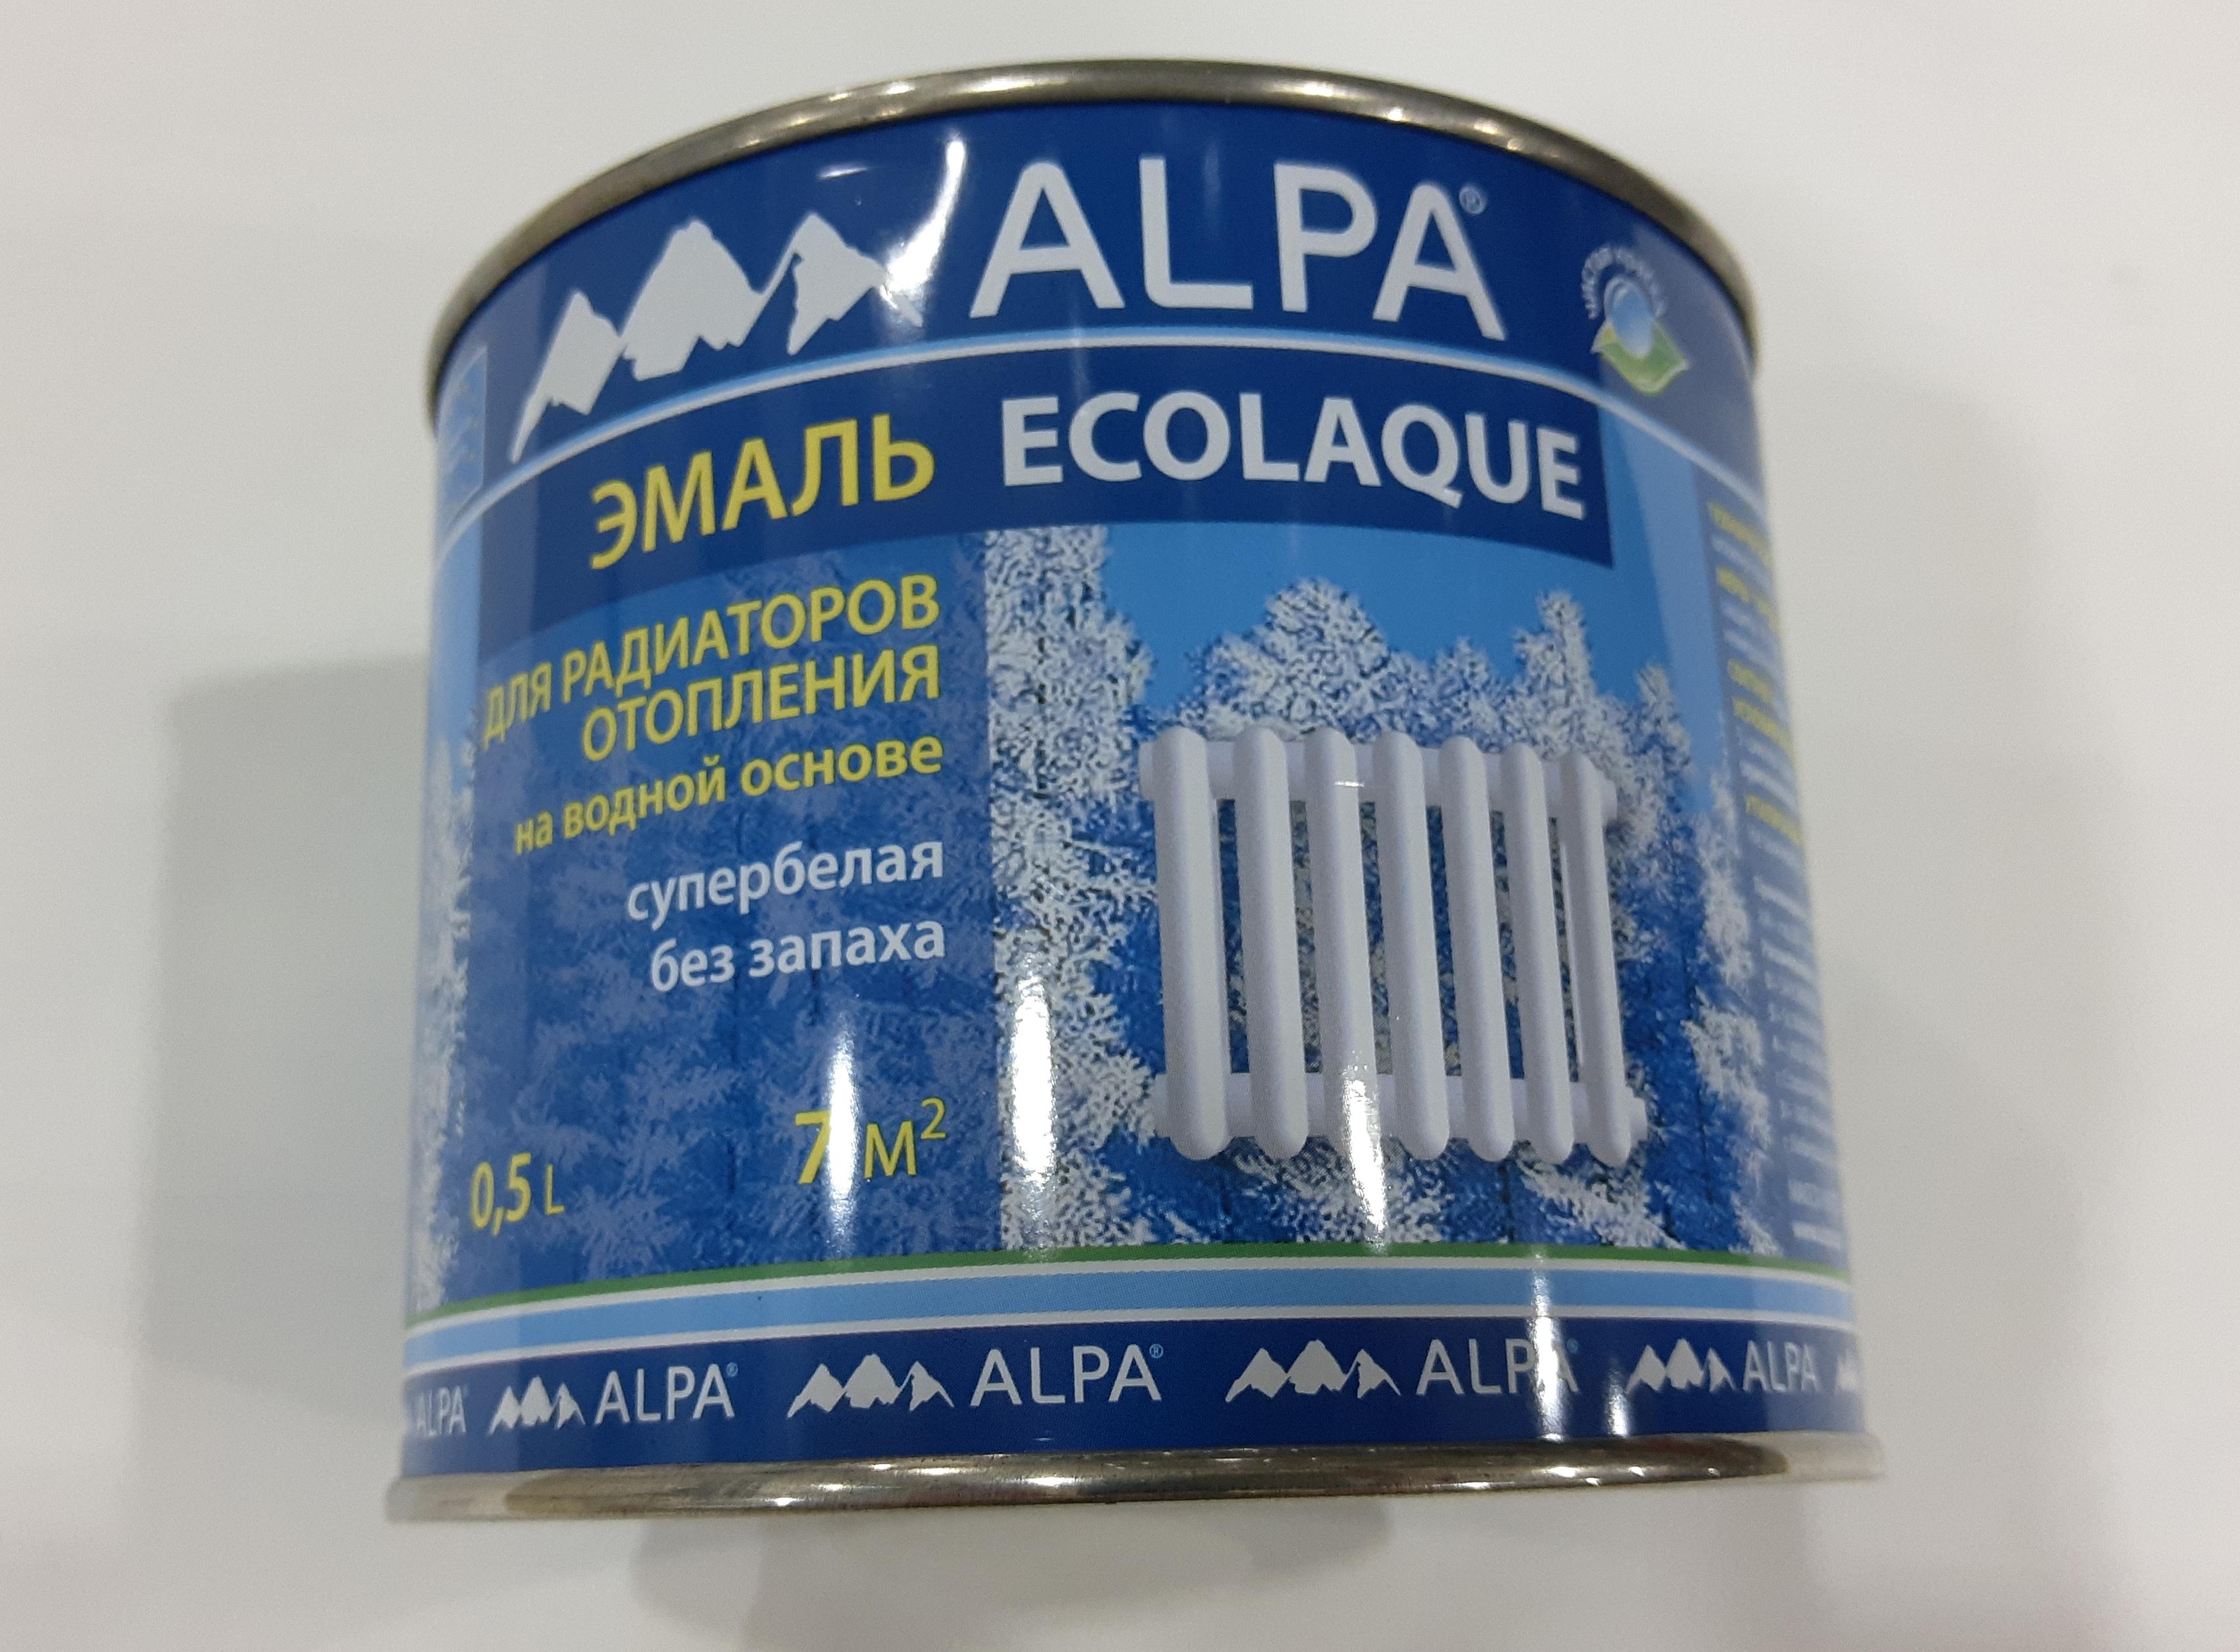 Эмаль для радиаторов, без запаха